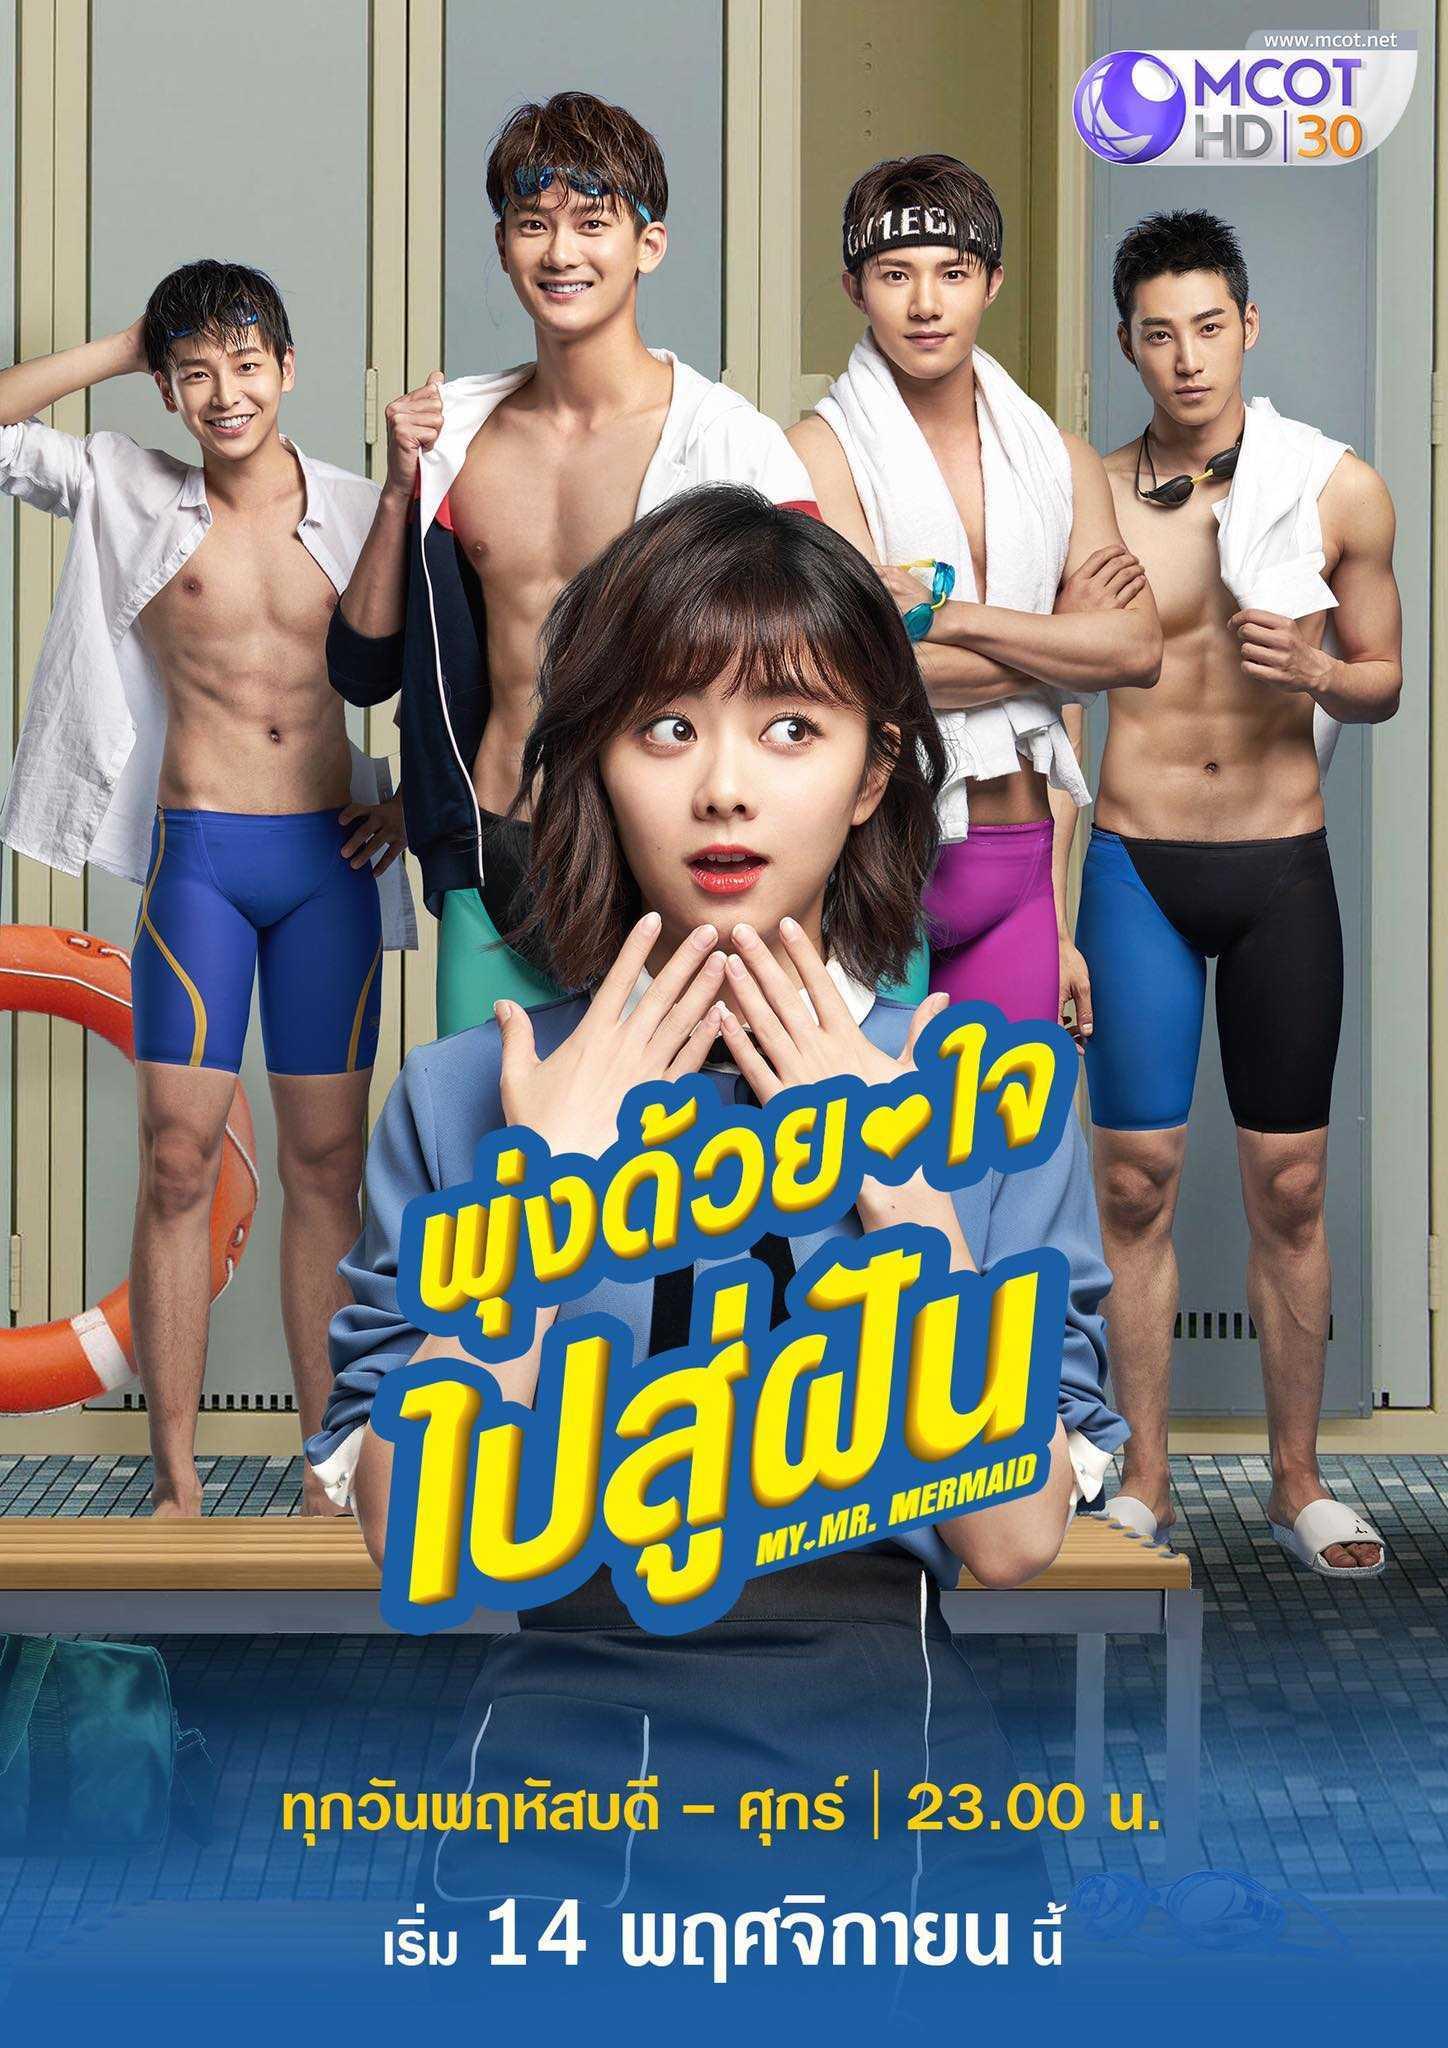 พุ่งด้วยใจ-ไปสู่ฝัน-my-mr-mermaid-2017-พากย์ไทย-ตอนที่-1-36-จบ-